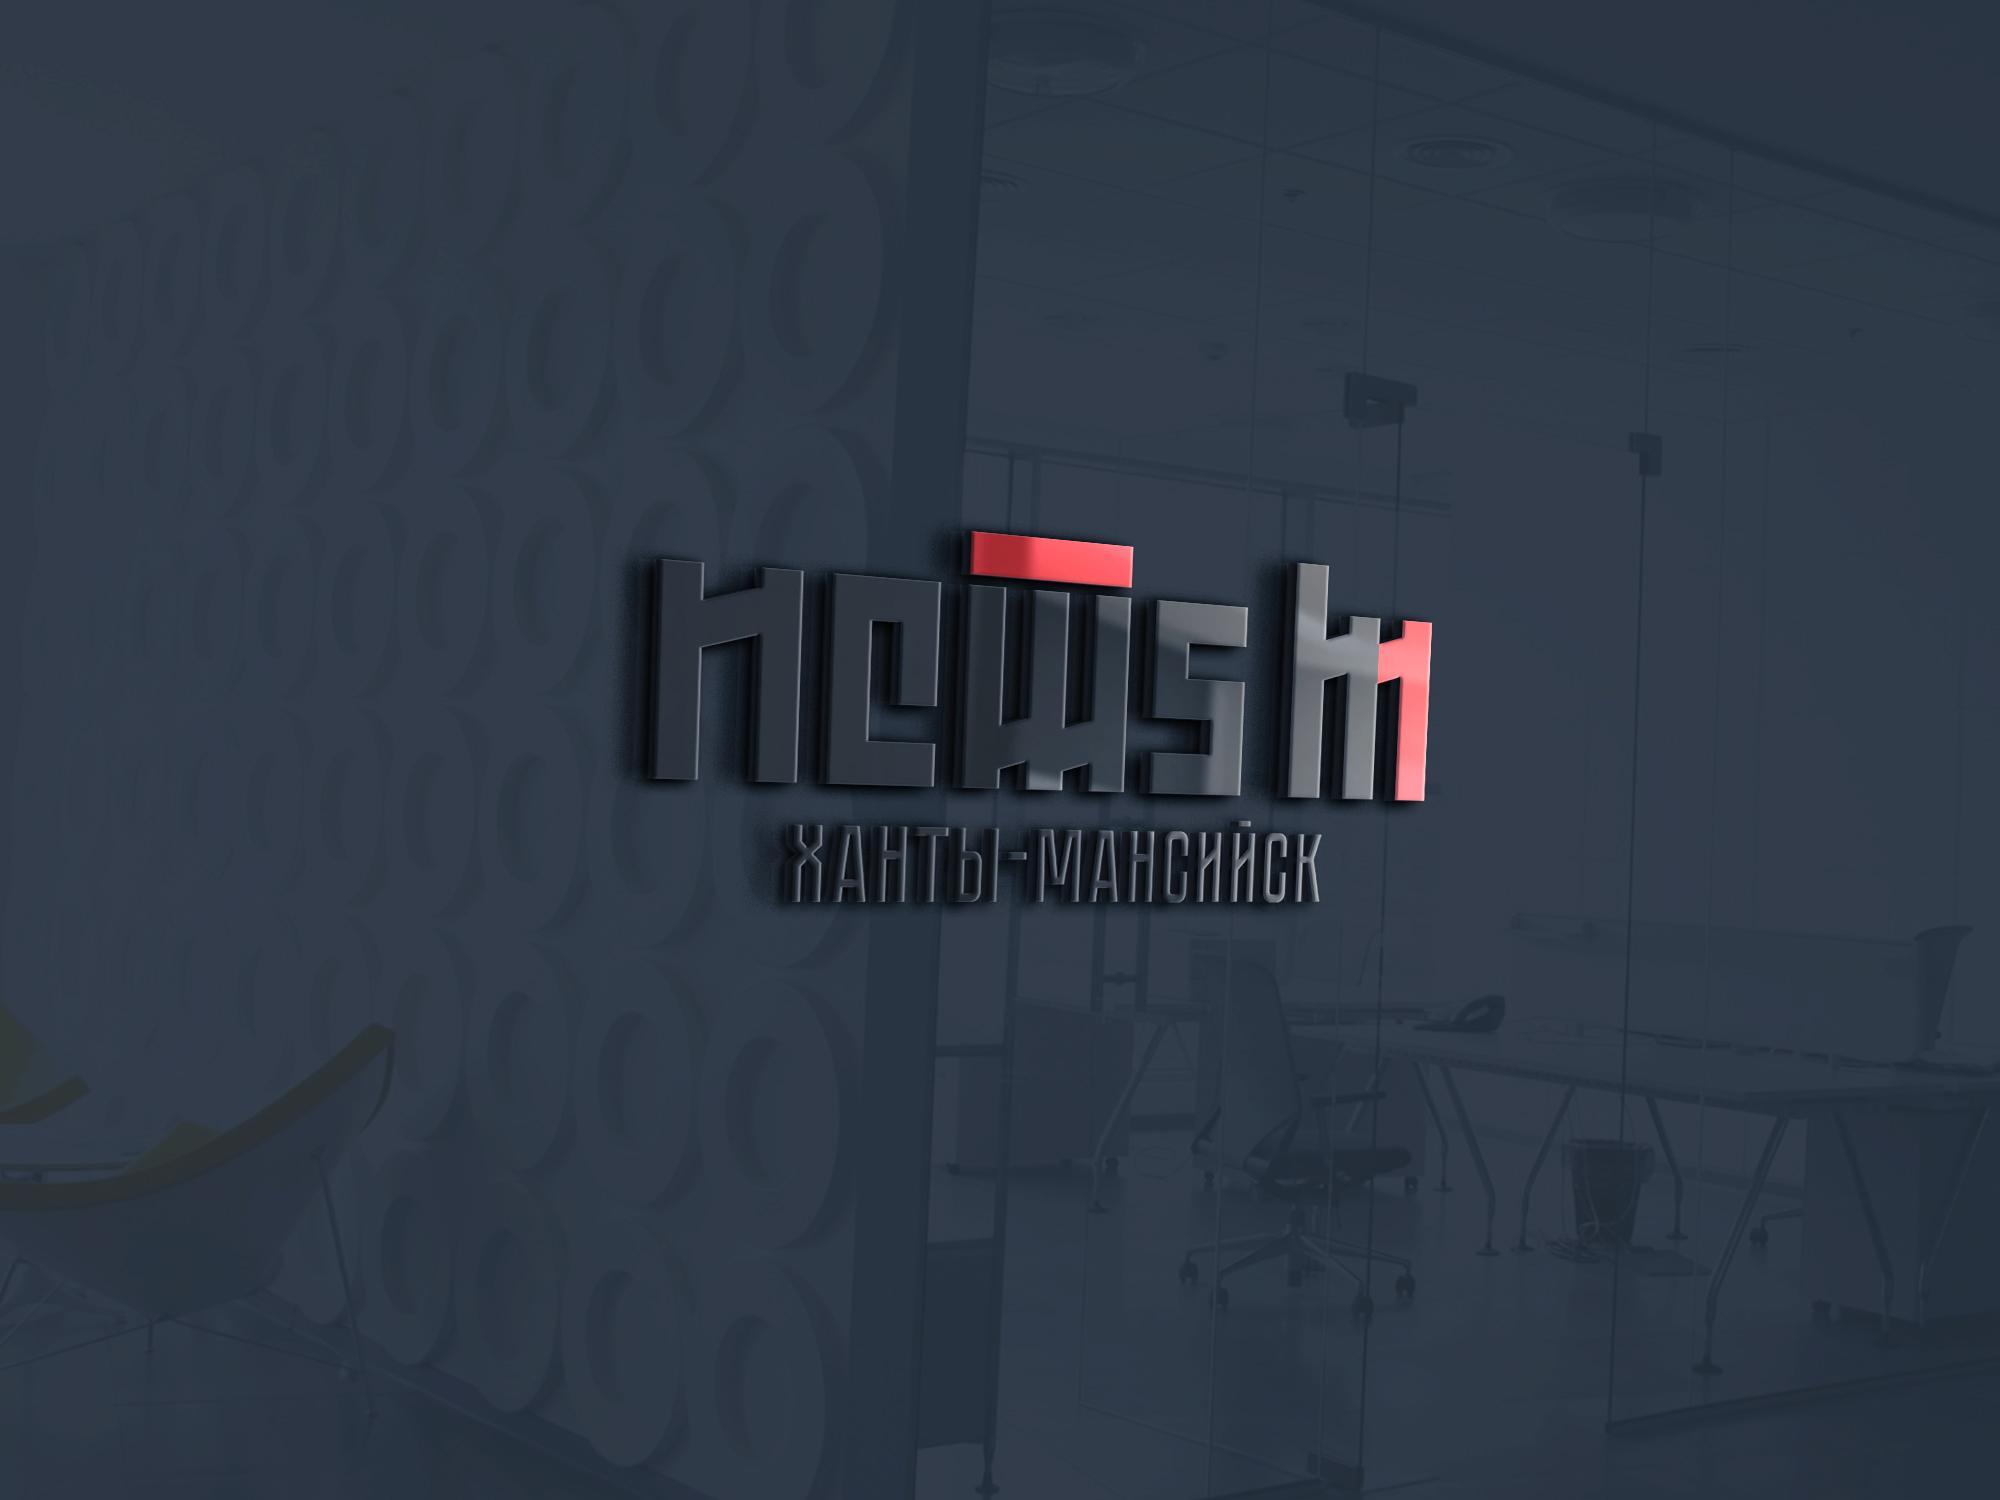 Логотип для информационного агентства фото f_0425aa2dbb1b85bd.jpg